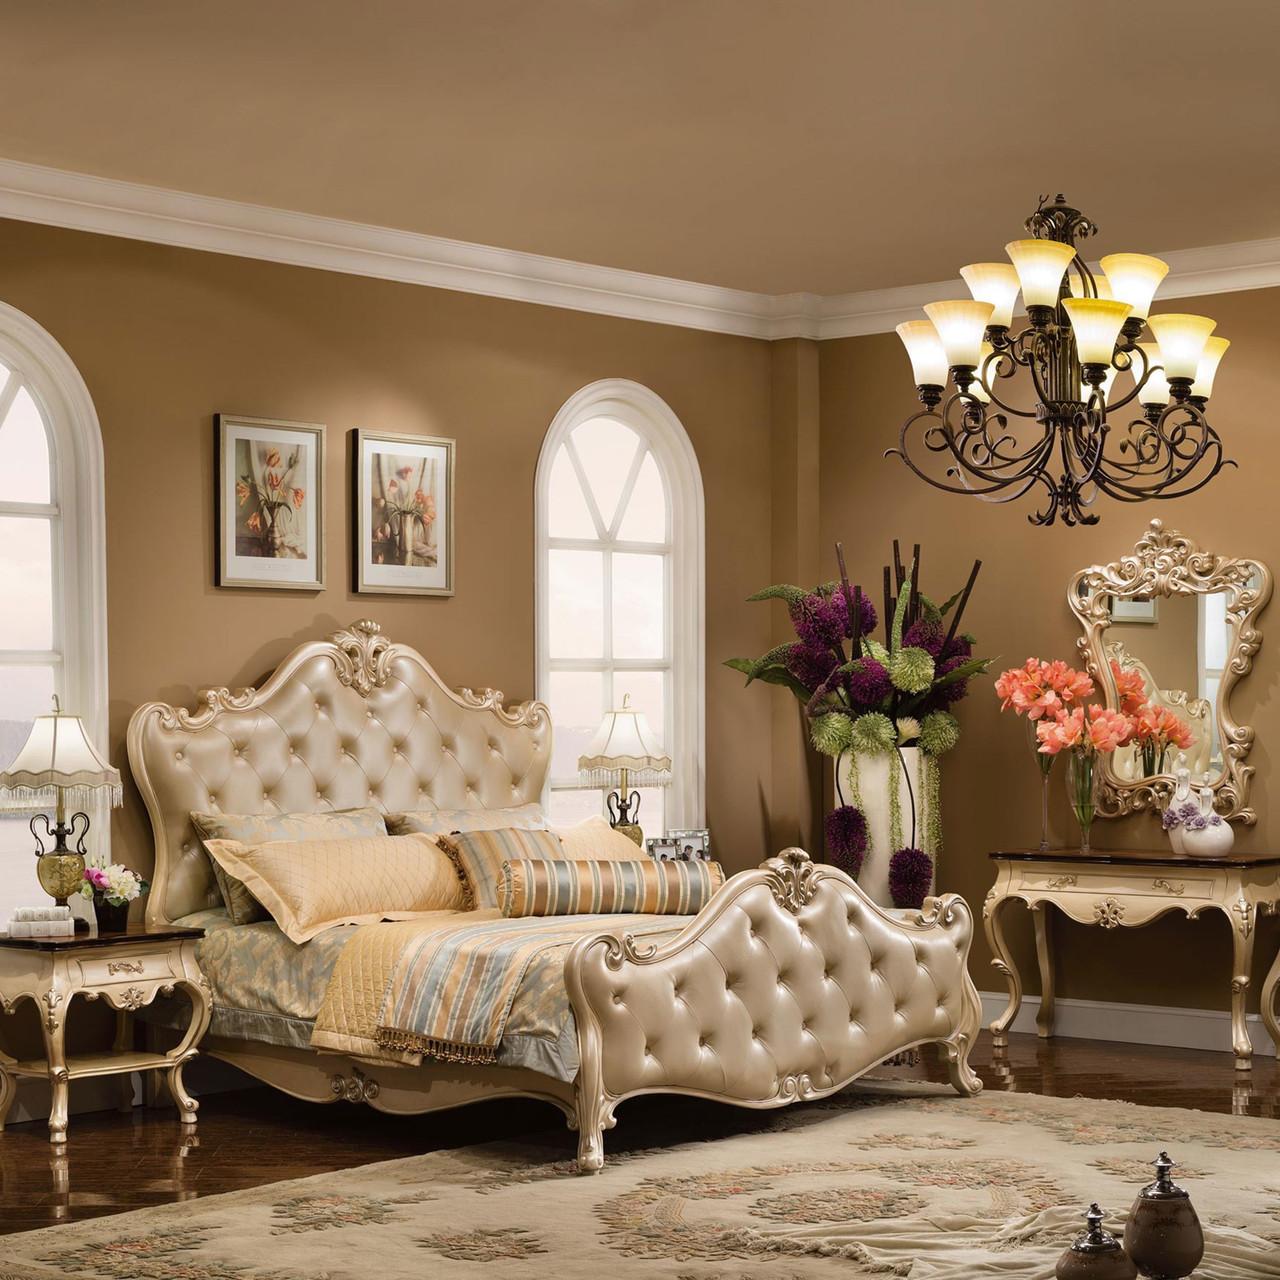 Palais d'Opale Bedroom